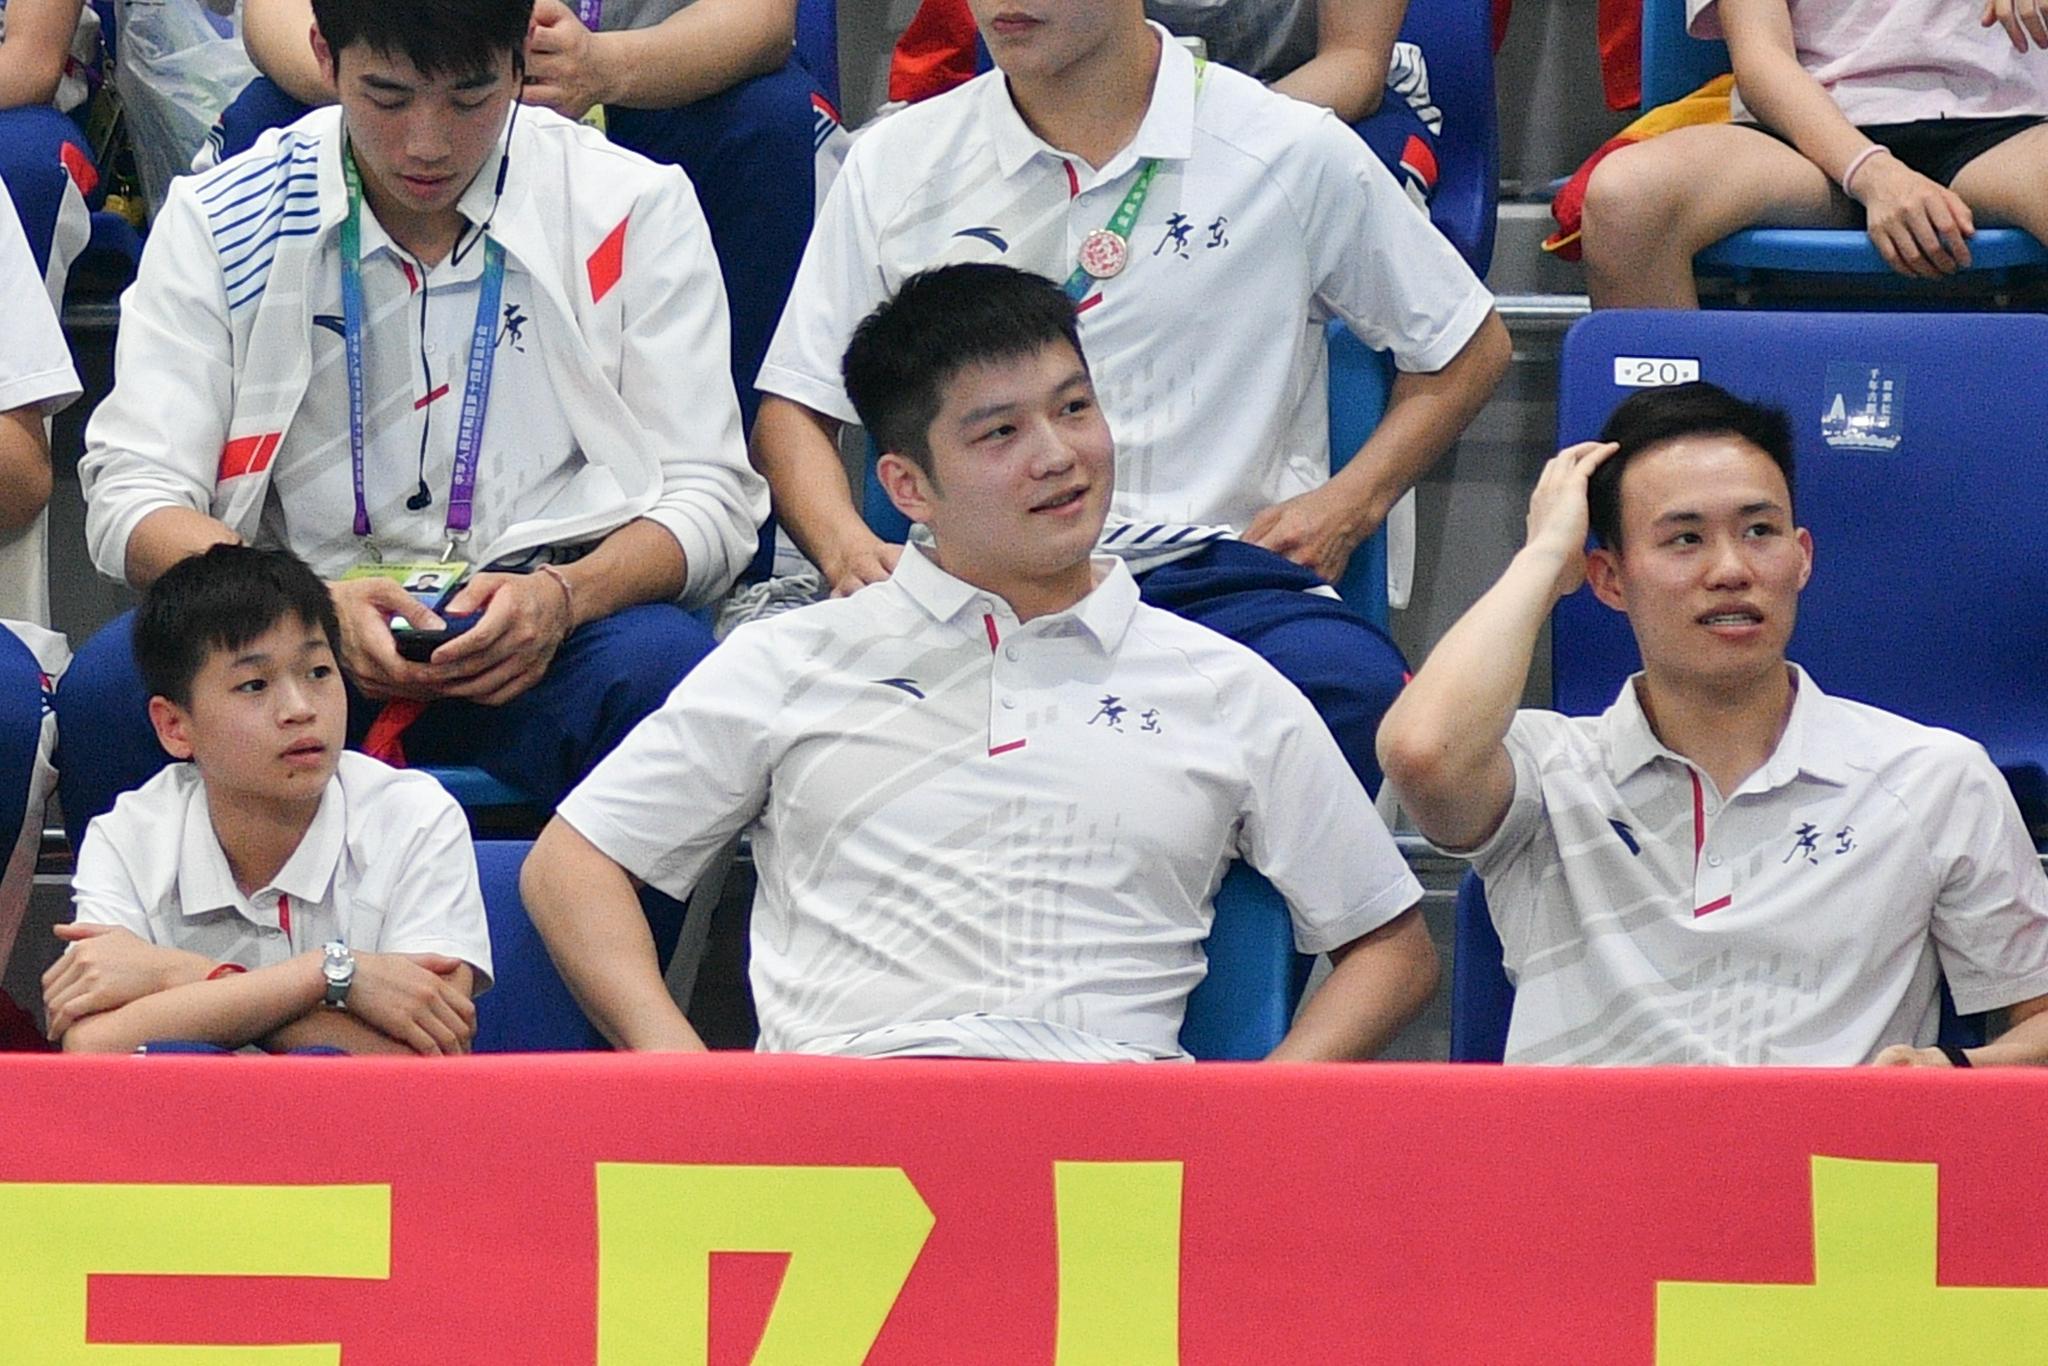 Quan Hongchan, Fan Zhendong and Xie Sicheng cheered for the Guangdong team.